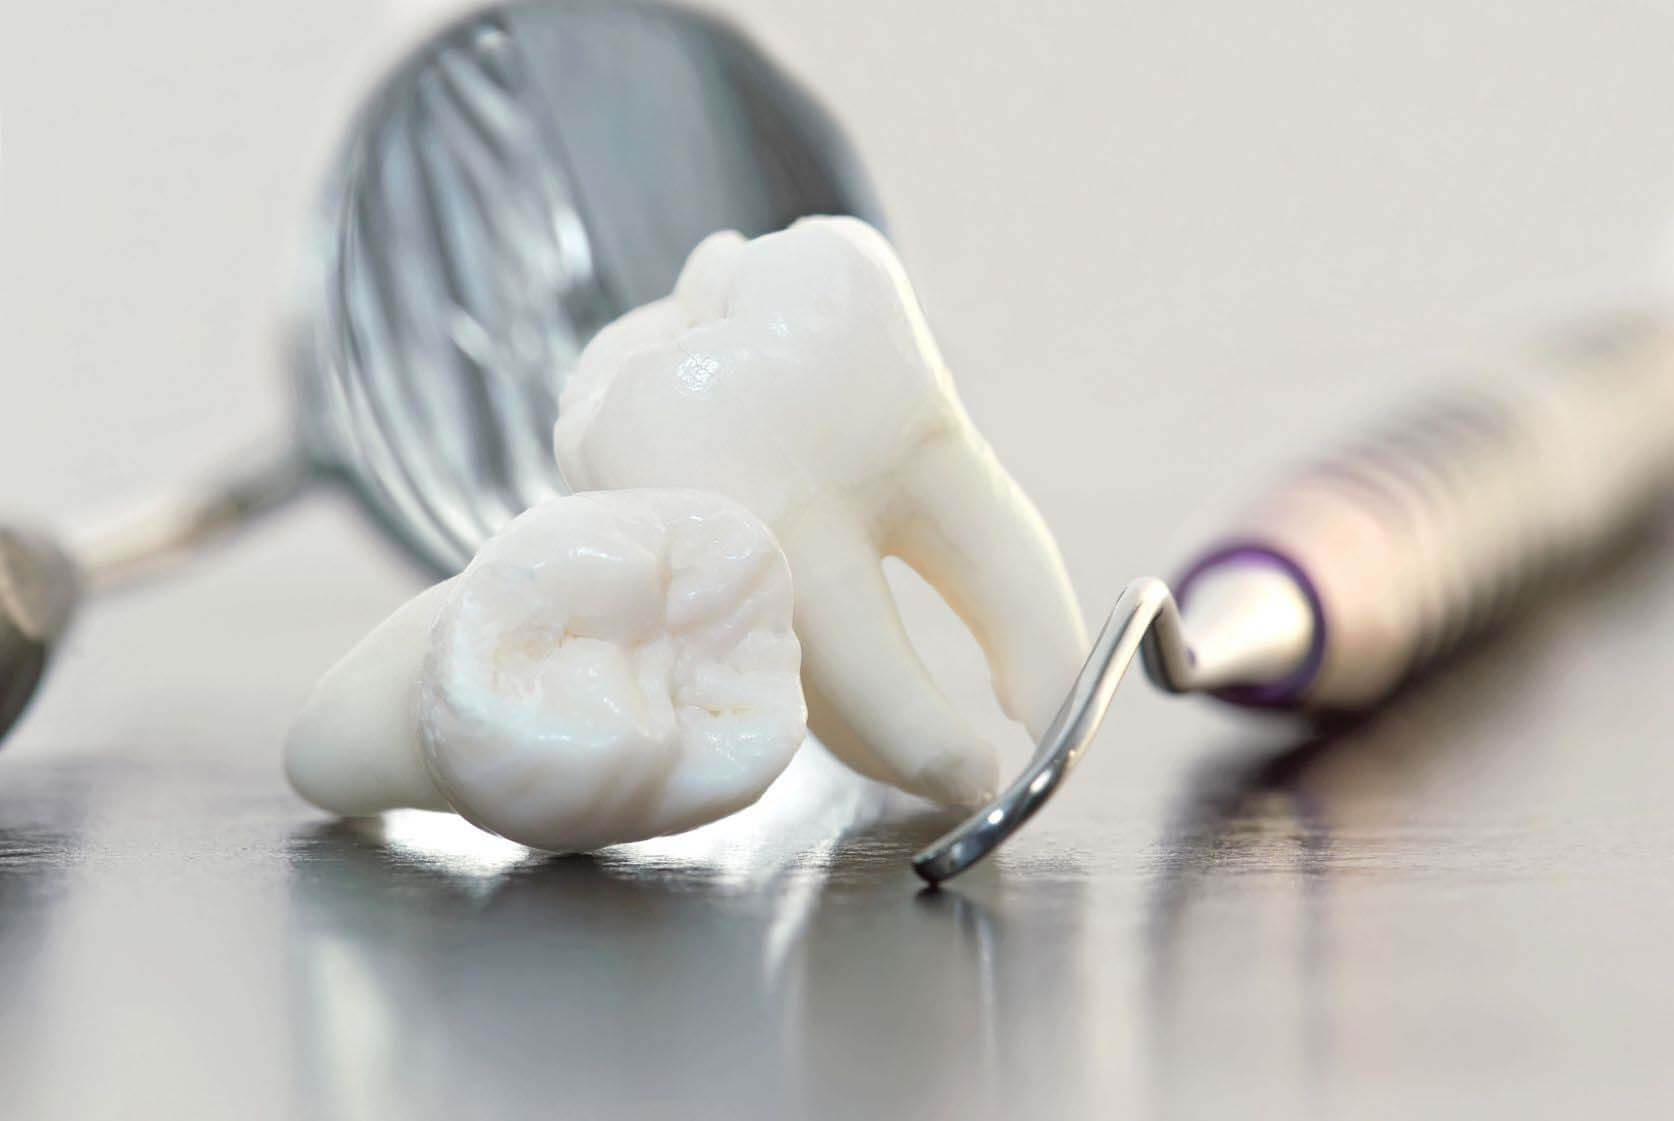 Стоит ли употреблять алкоголь перед посещением стоматолога?